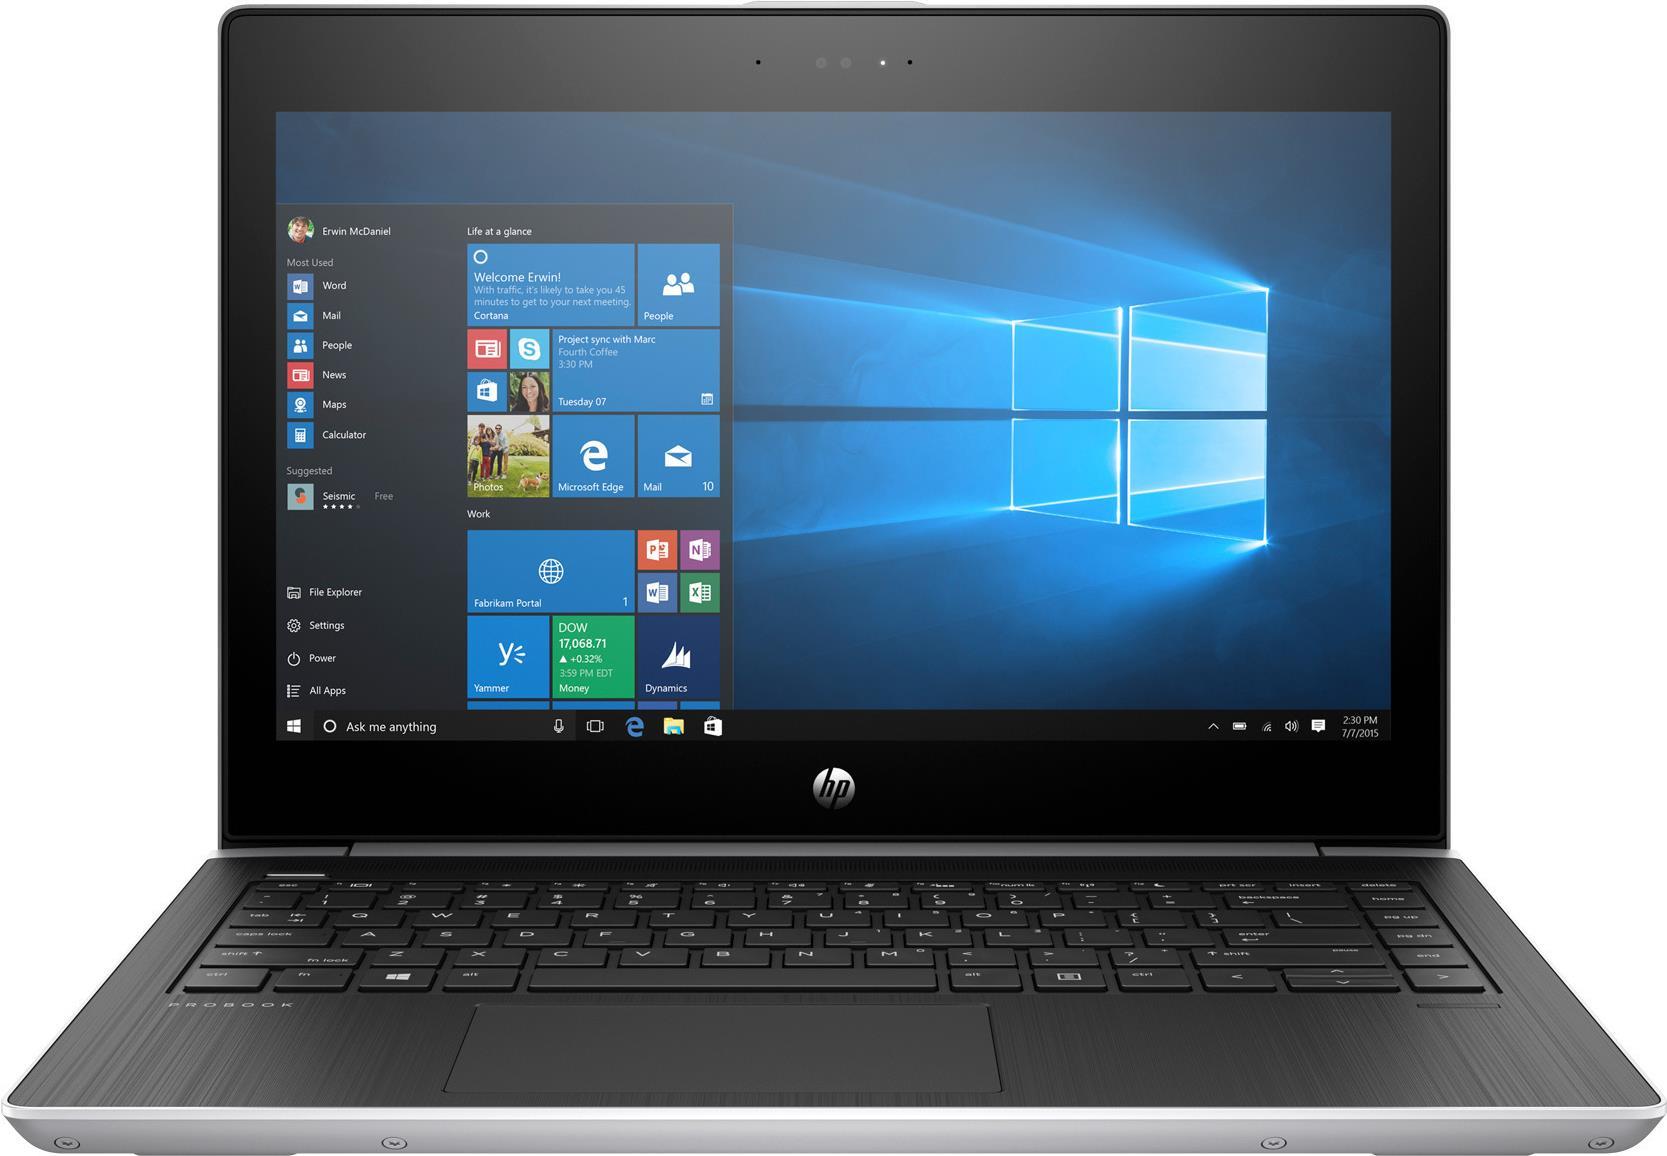 Notebooks, Laptops - HP ProBook 430 G5 Core i7 8550U 1.8 GHz Win 10 Pro 64 Bit 16 GB RAM 512 GB SSD NVMe, HP Turbo Drive, TLC 1 TB HDD 33.7 cm (13.3) IPS 1920 x 1080 (Full HD) UHD Graphics 620 Wi Fi, Bluetooth kbd Deutsch  - Onlineshop JACOB Elektronik